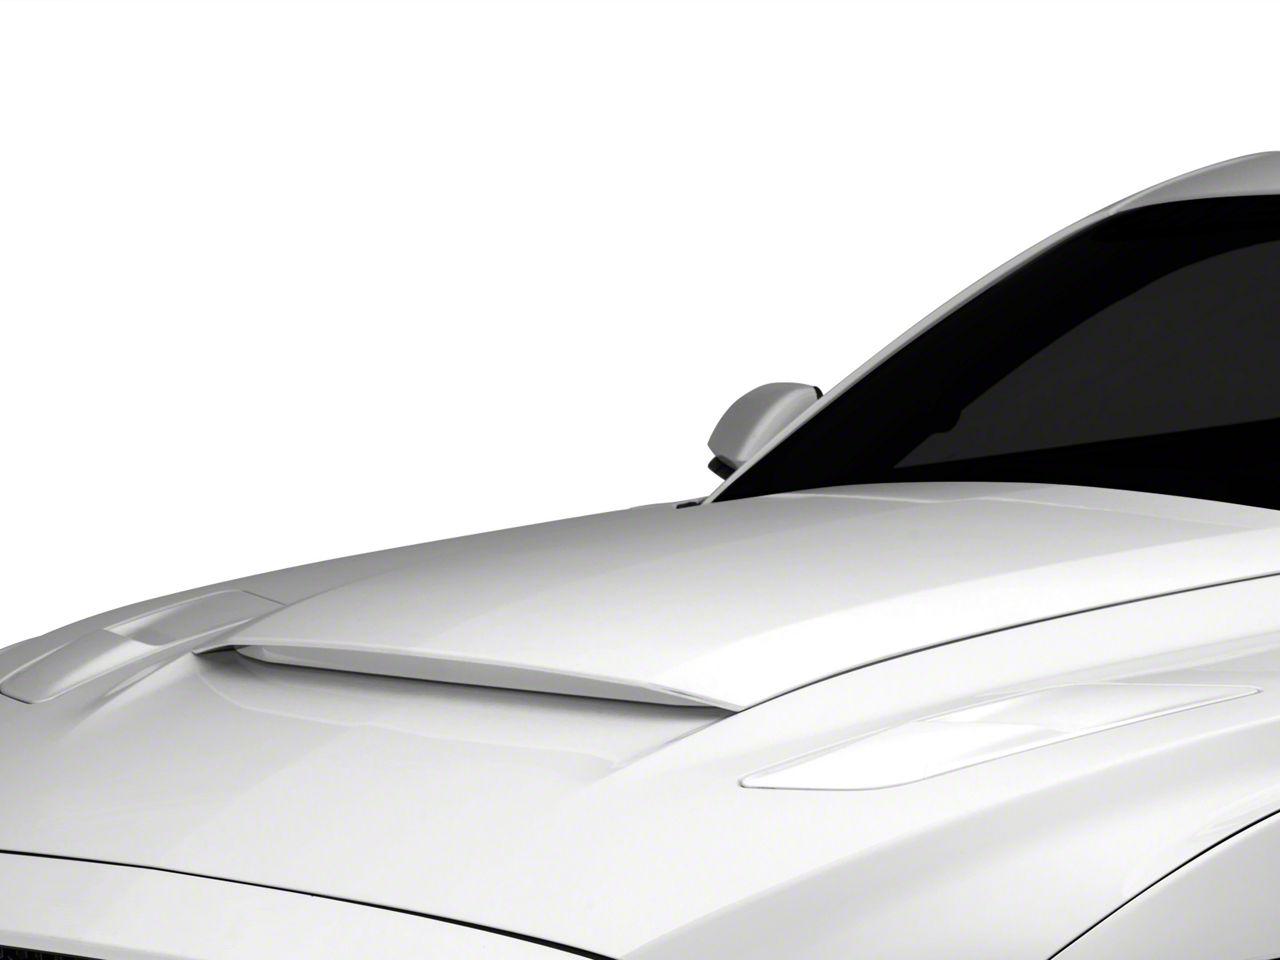 MMD V-Series Hood Scoop - Unpainted (15-17 GT